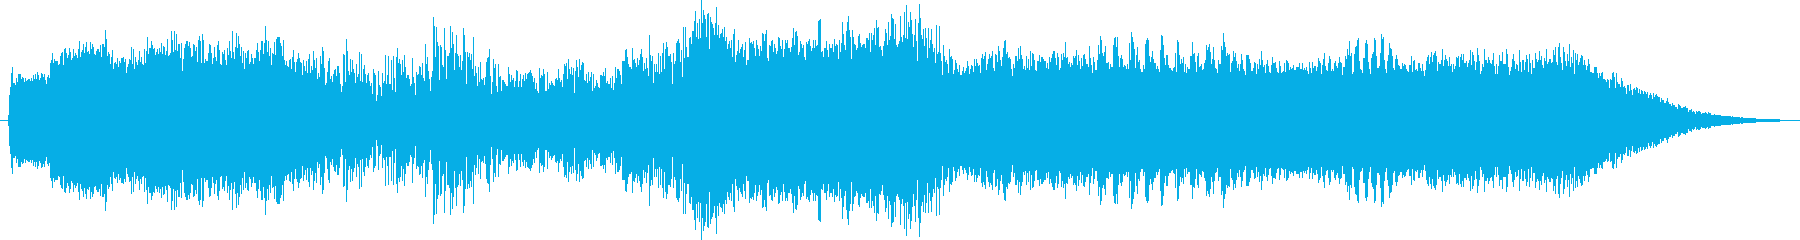 歪んだデジタルスキャンによる高速テ...の再生済みの波形